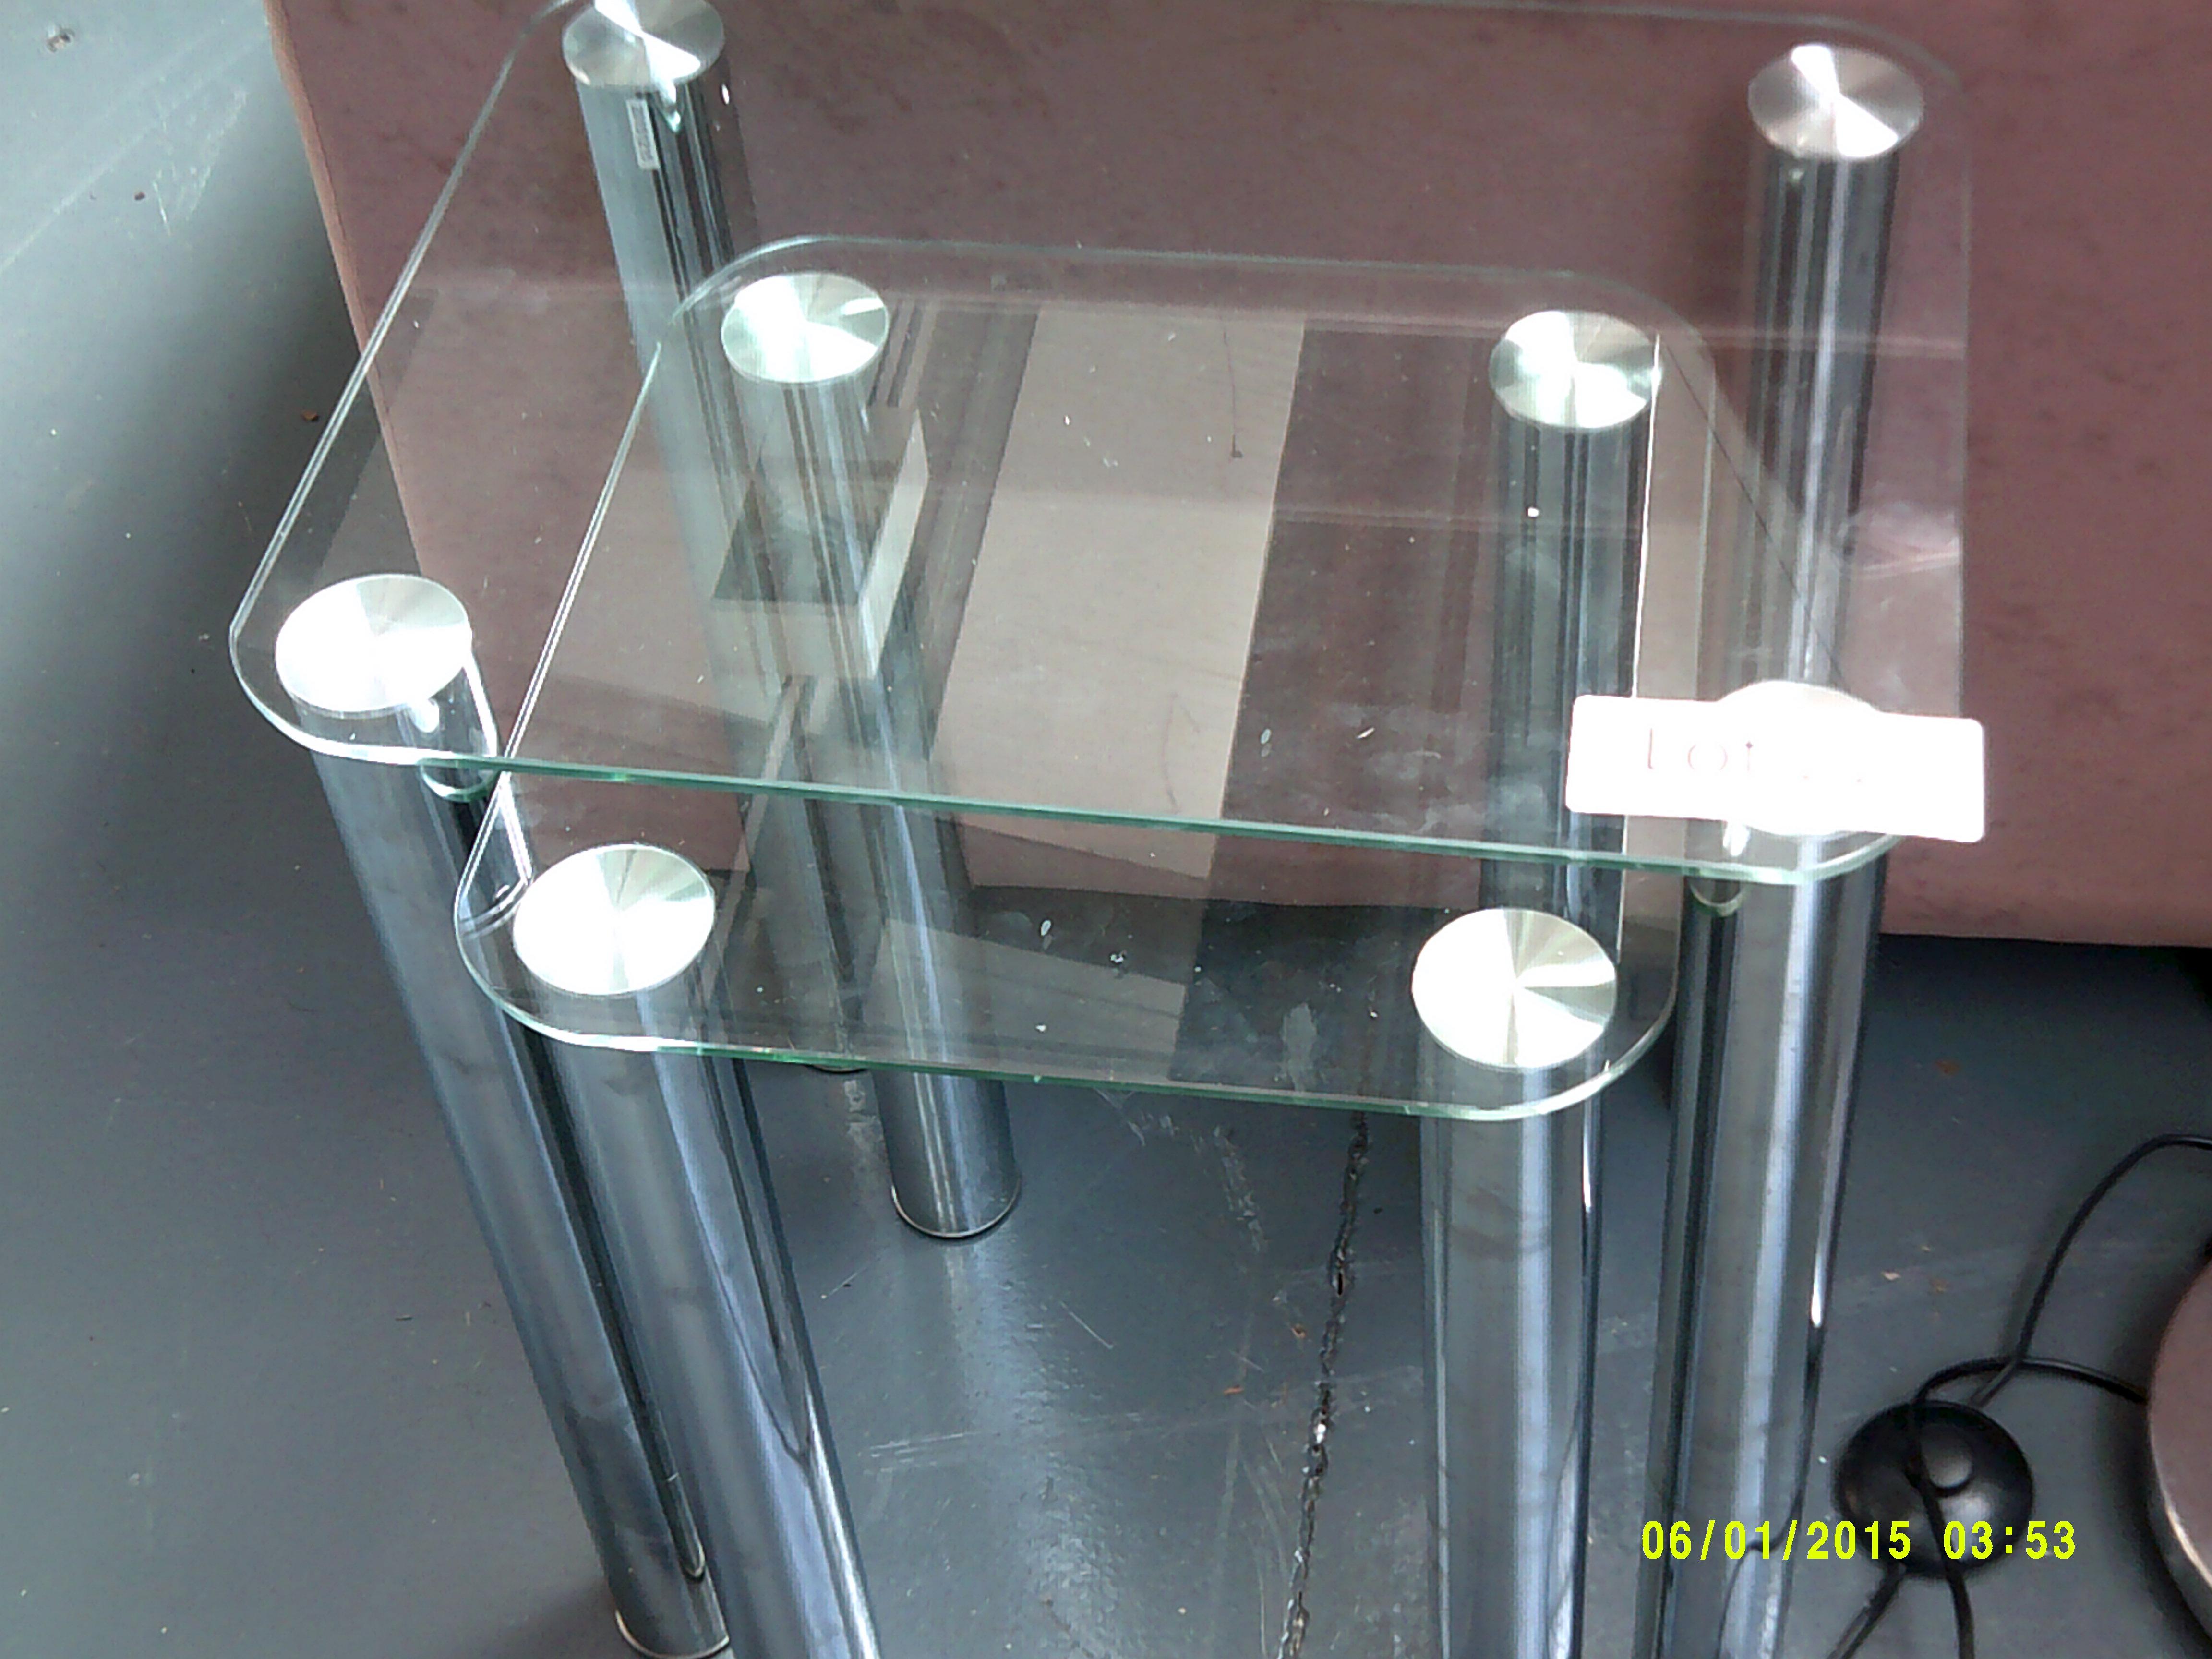 Lot 22 - Nest of 2 Glass Tables Customer Returns